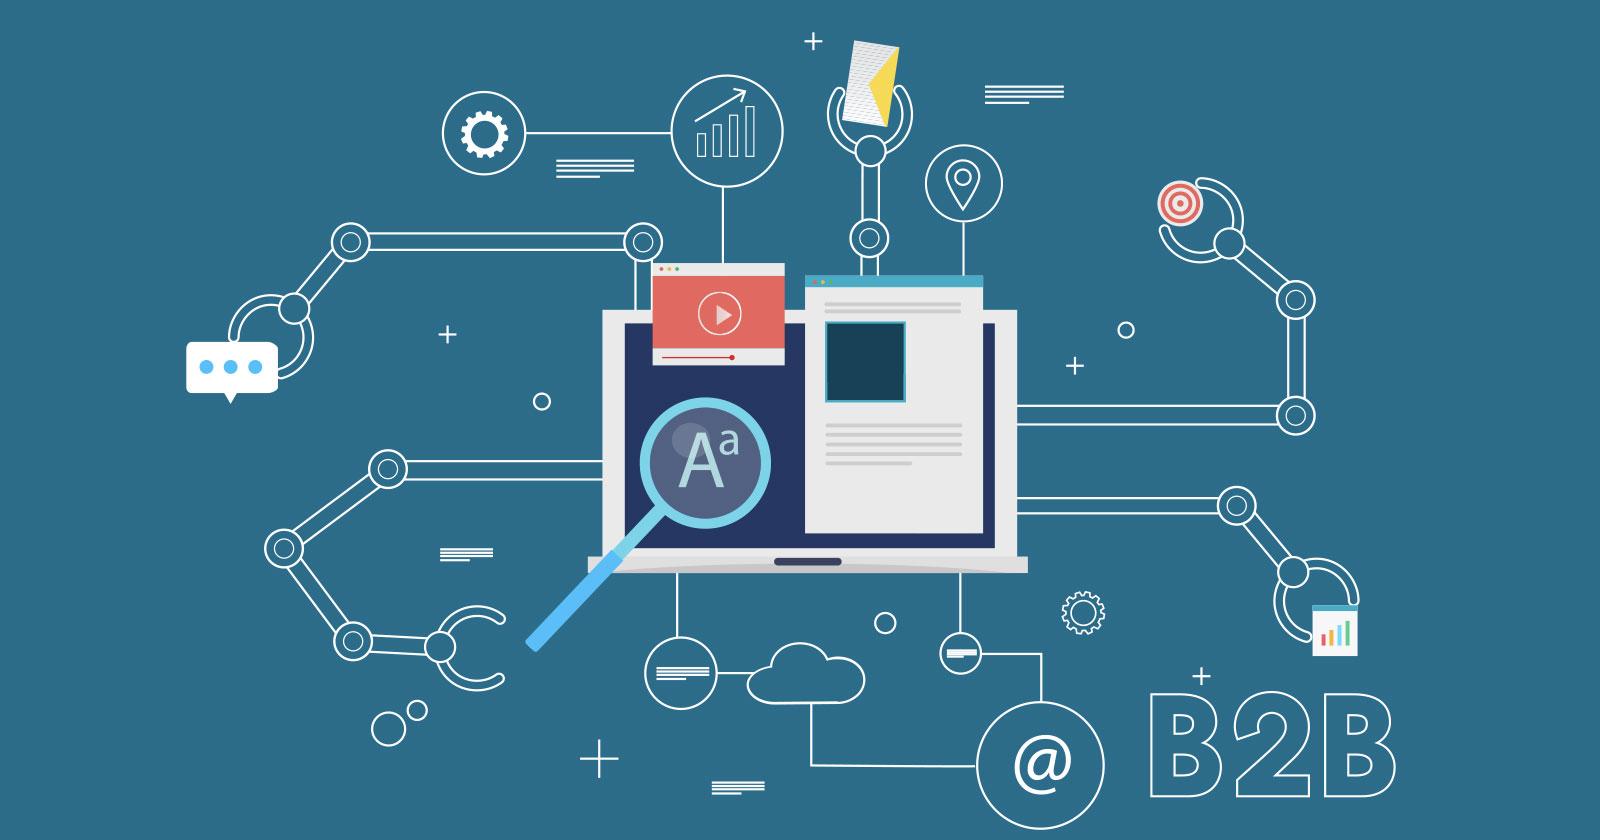 B2B Marketing Automation Benefits